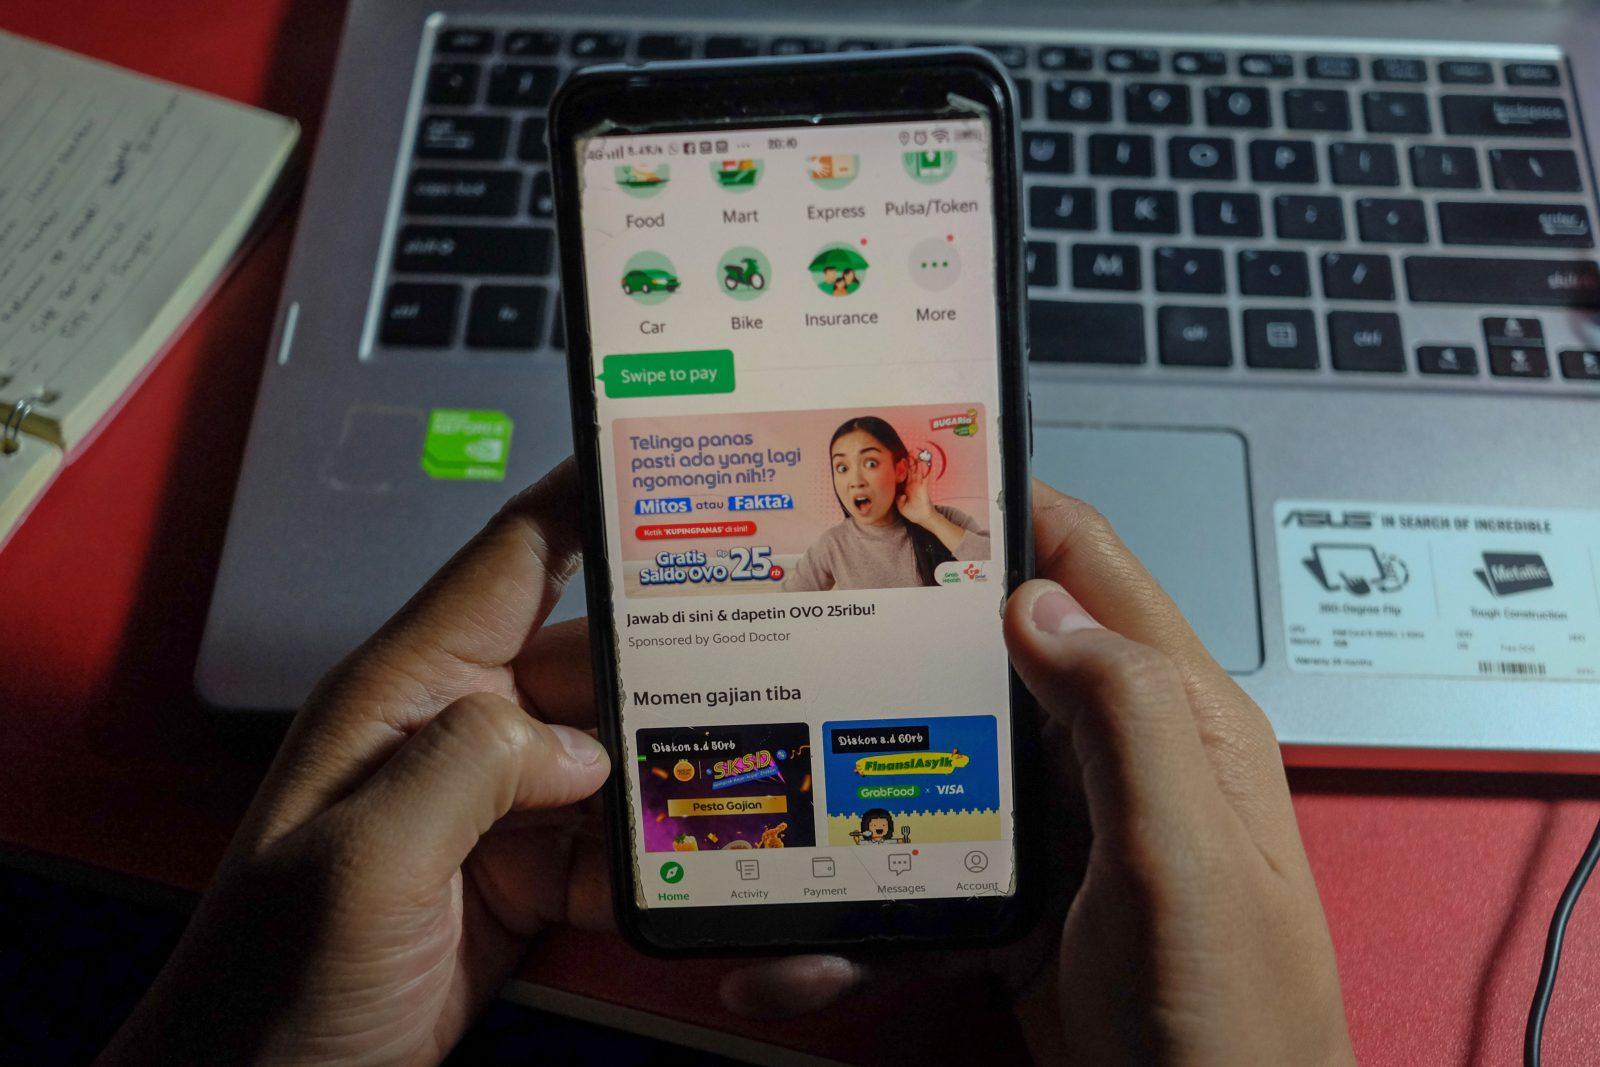 Nền tảng thanh toán di động từ Grab đã có được sức hút rộng rãi. Hình ảnh Dedy Sutisna / Riau / Barcroft Media / Hình ảnh Getty